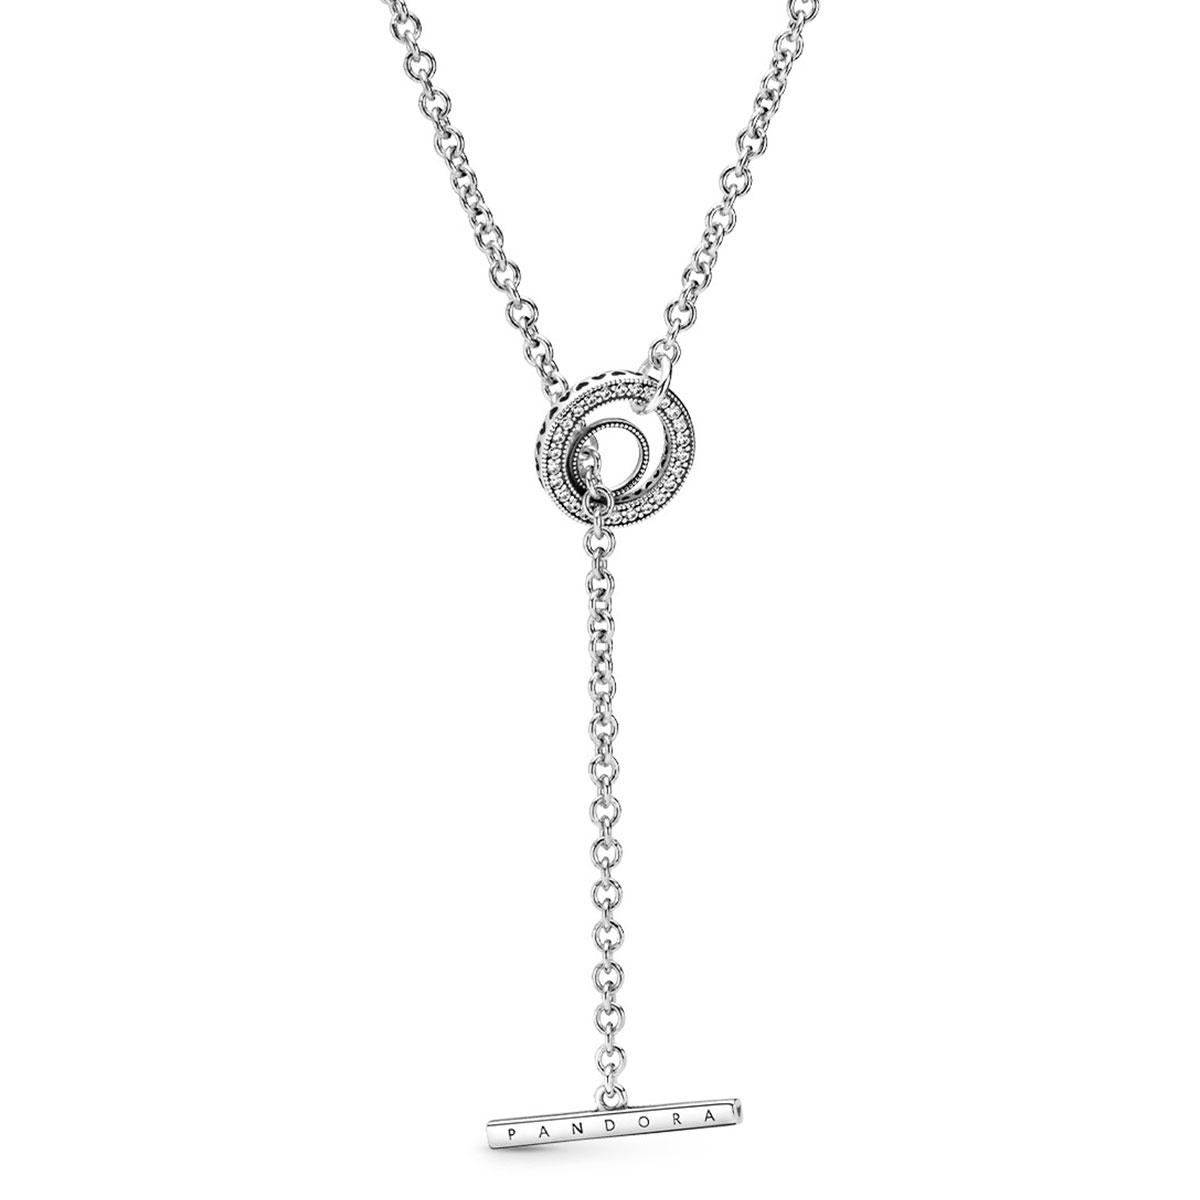 Pandora Necklaces Pancharmbracelets Com